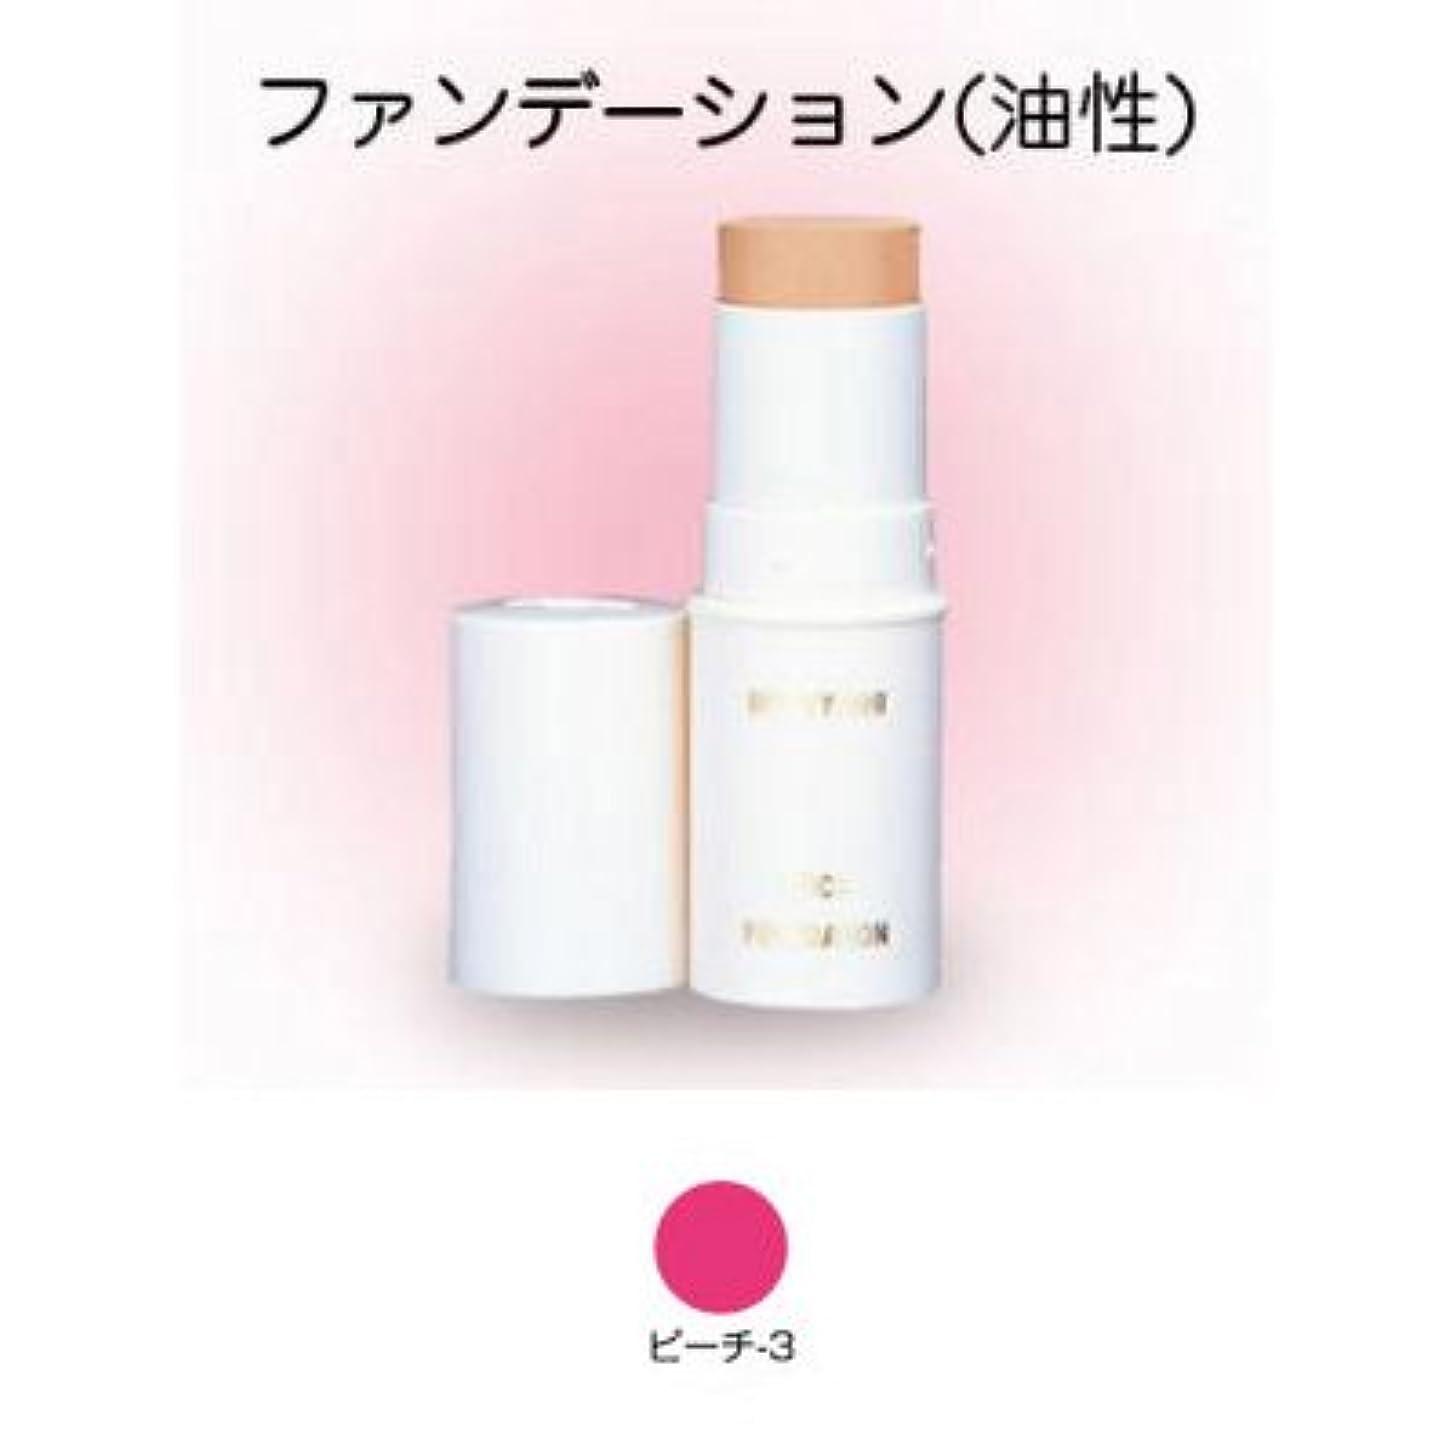 エミュレートする韻重なるスティックファンデーション 16g ピーチ-3 【三善】